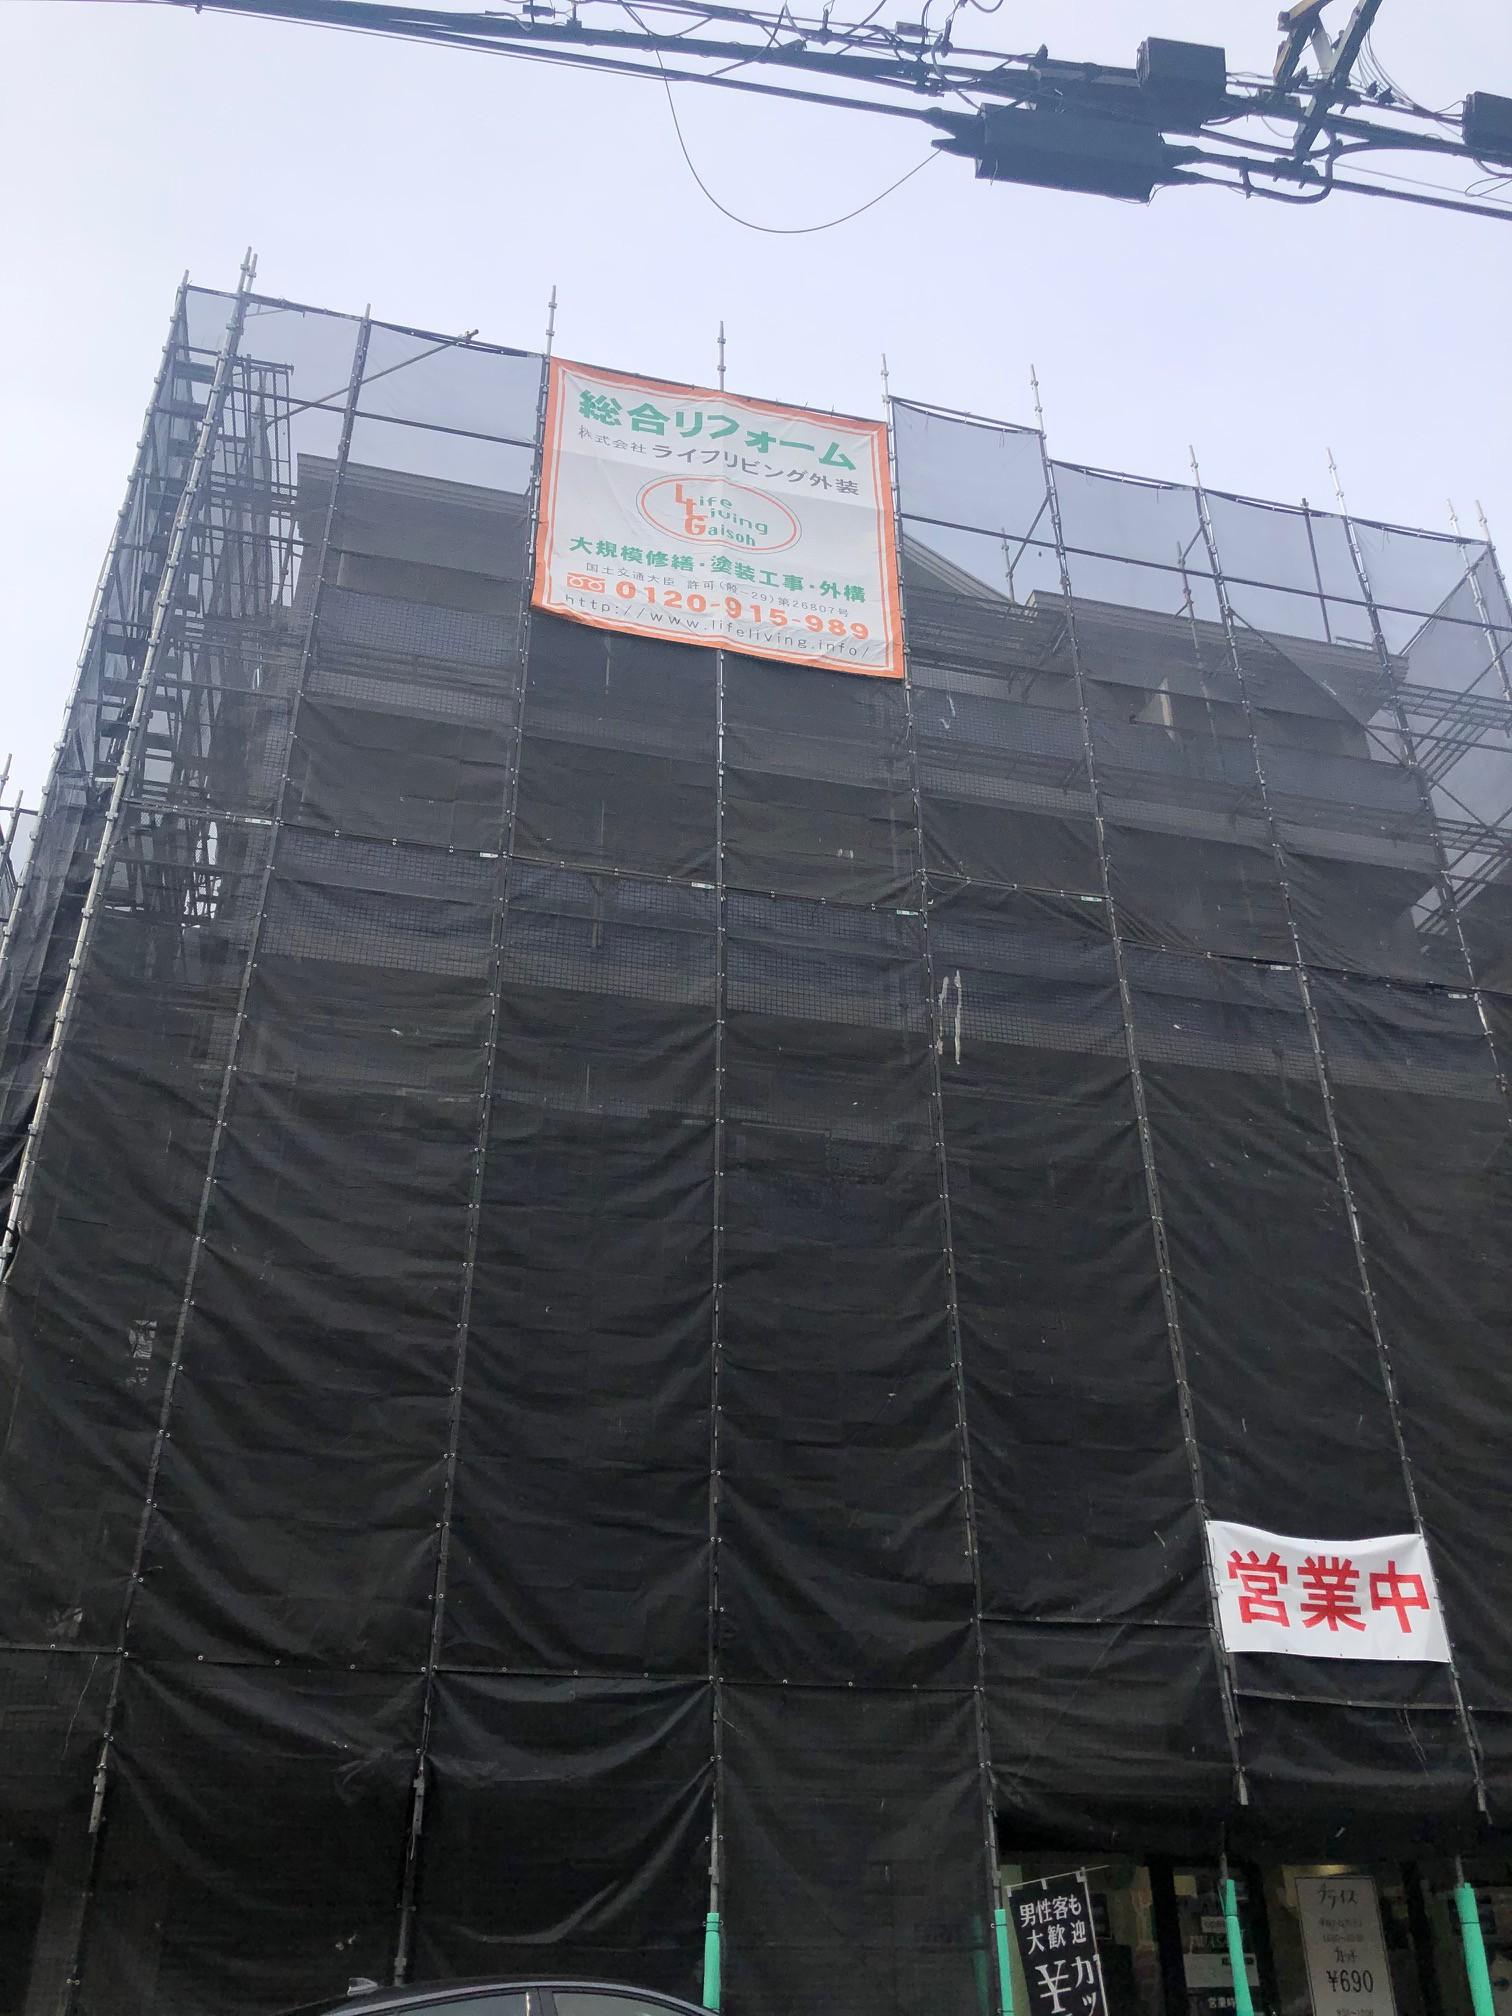 大規模修繕に伴う外装工事 川崎市多摩区の5階建てRマンションにて外装リフォーム施工後